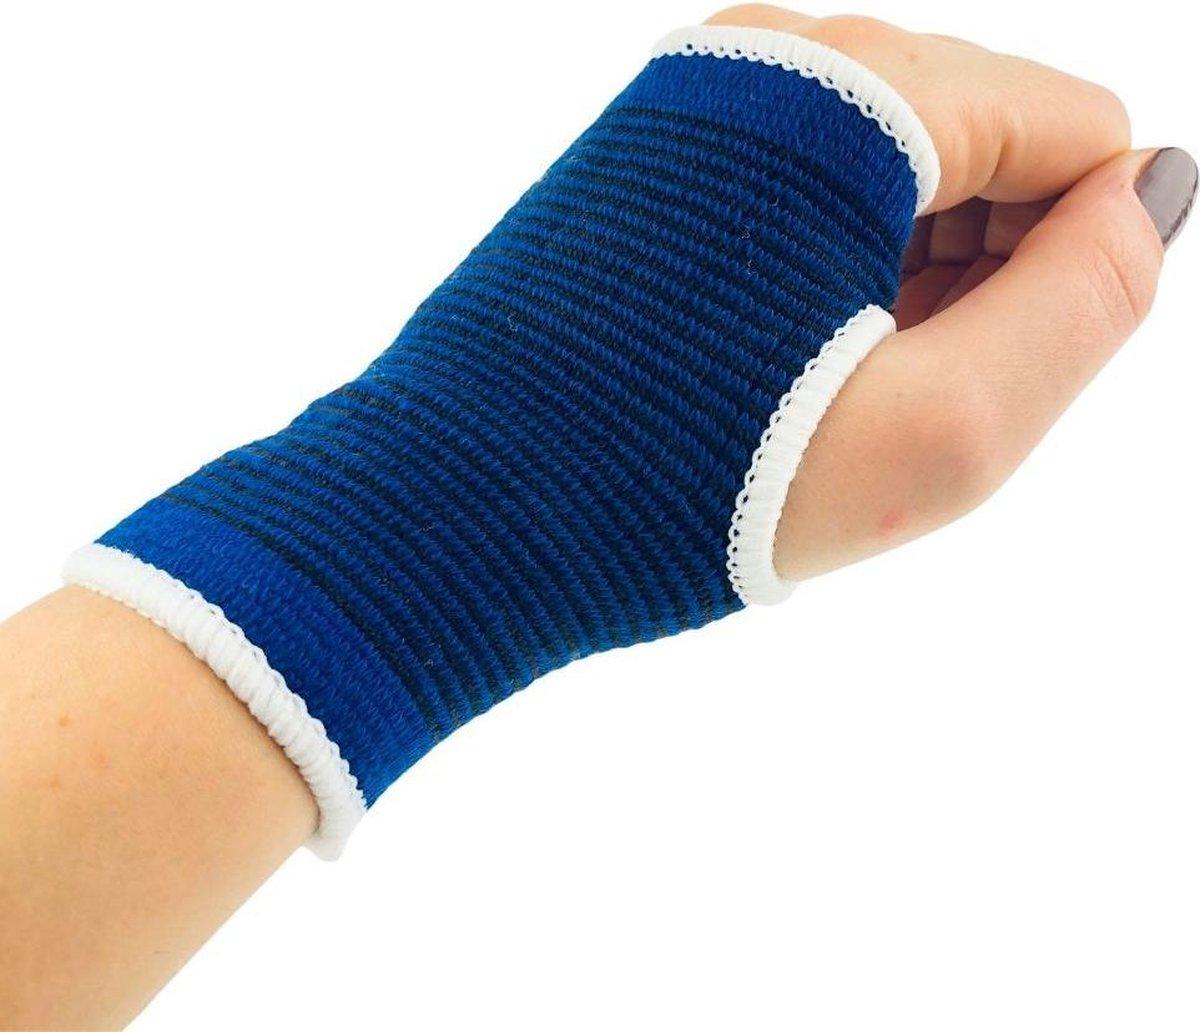 Orange85 Pols brace - 2 Stuks - Rechts en link - Blauw - Bandage - Blessure - Bracelet - Handbescher